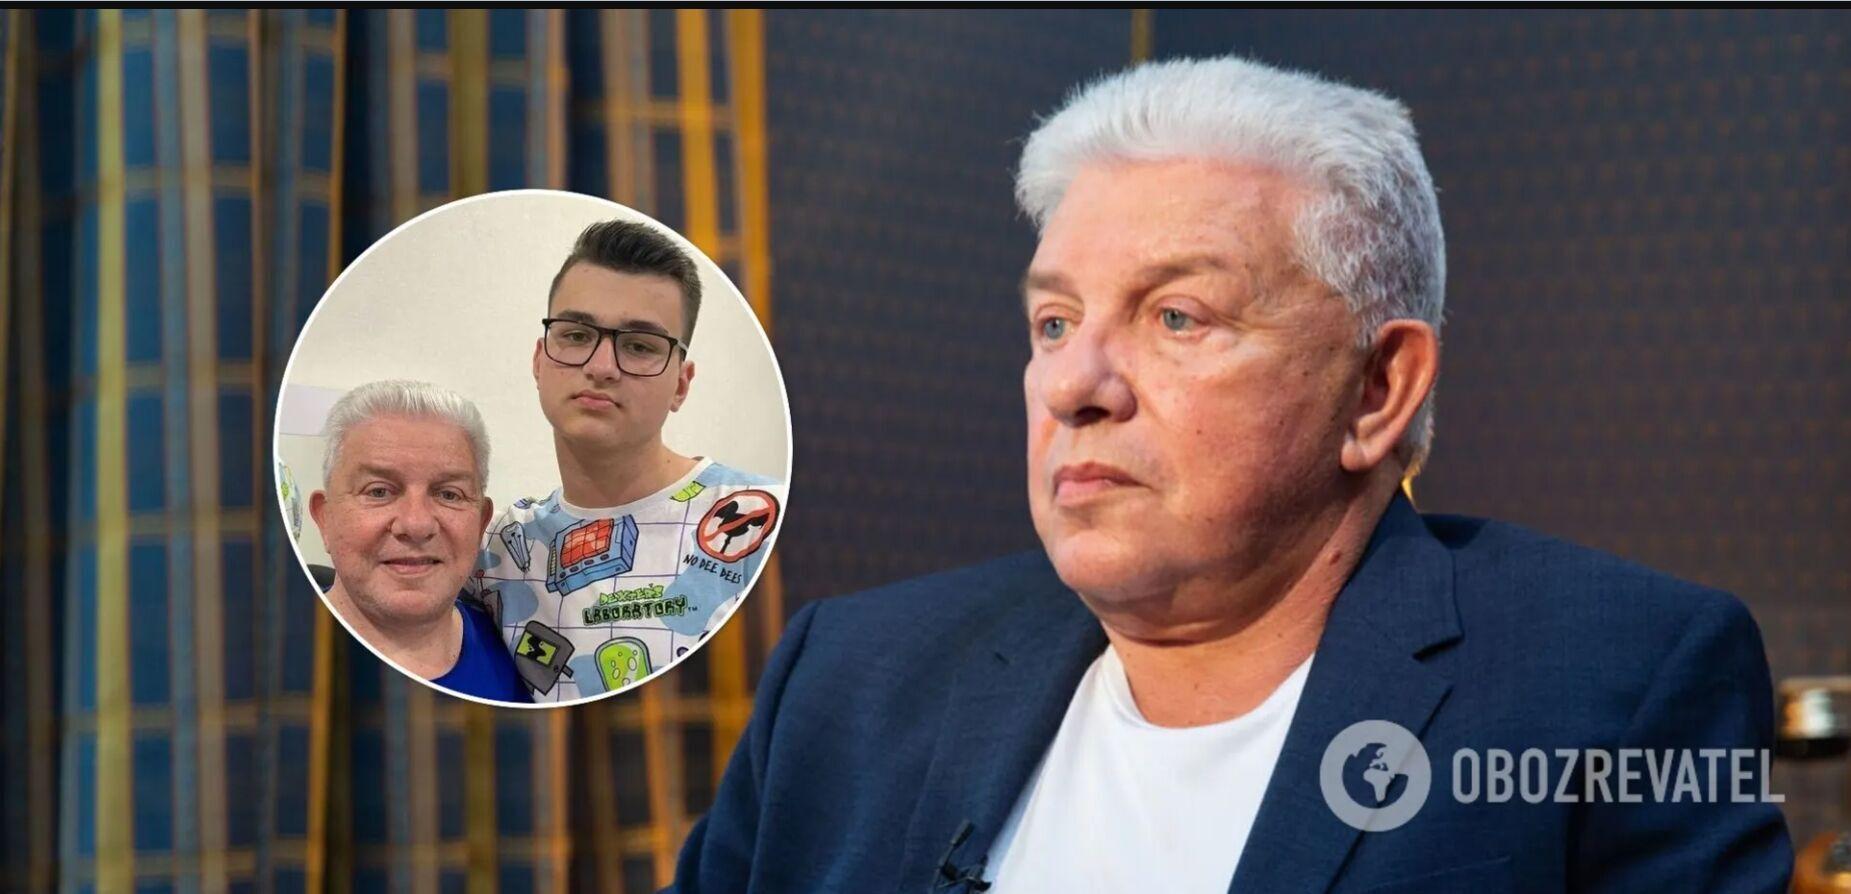 30 мая 2021 года умер внук одесского юмориста и народного артиста Украины Олега Филимонова